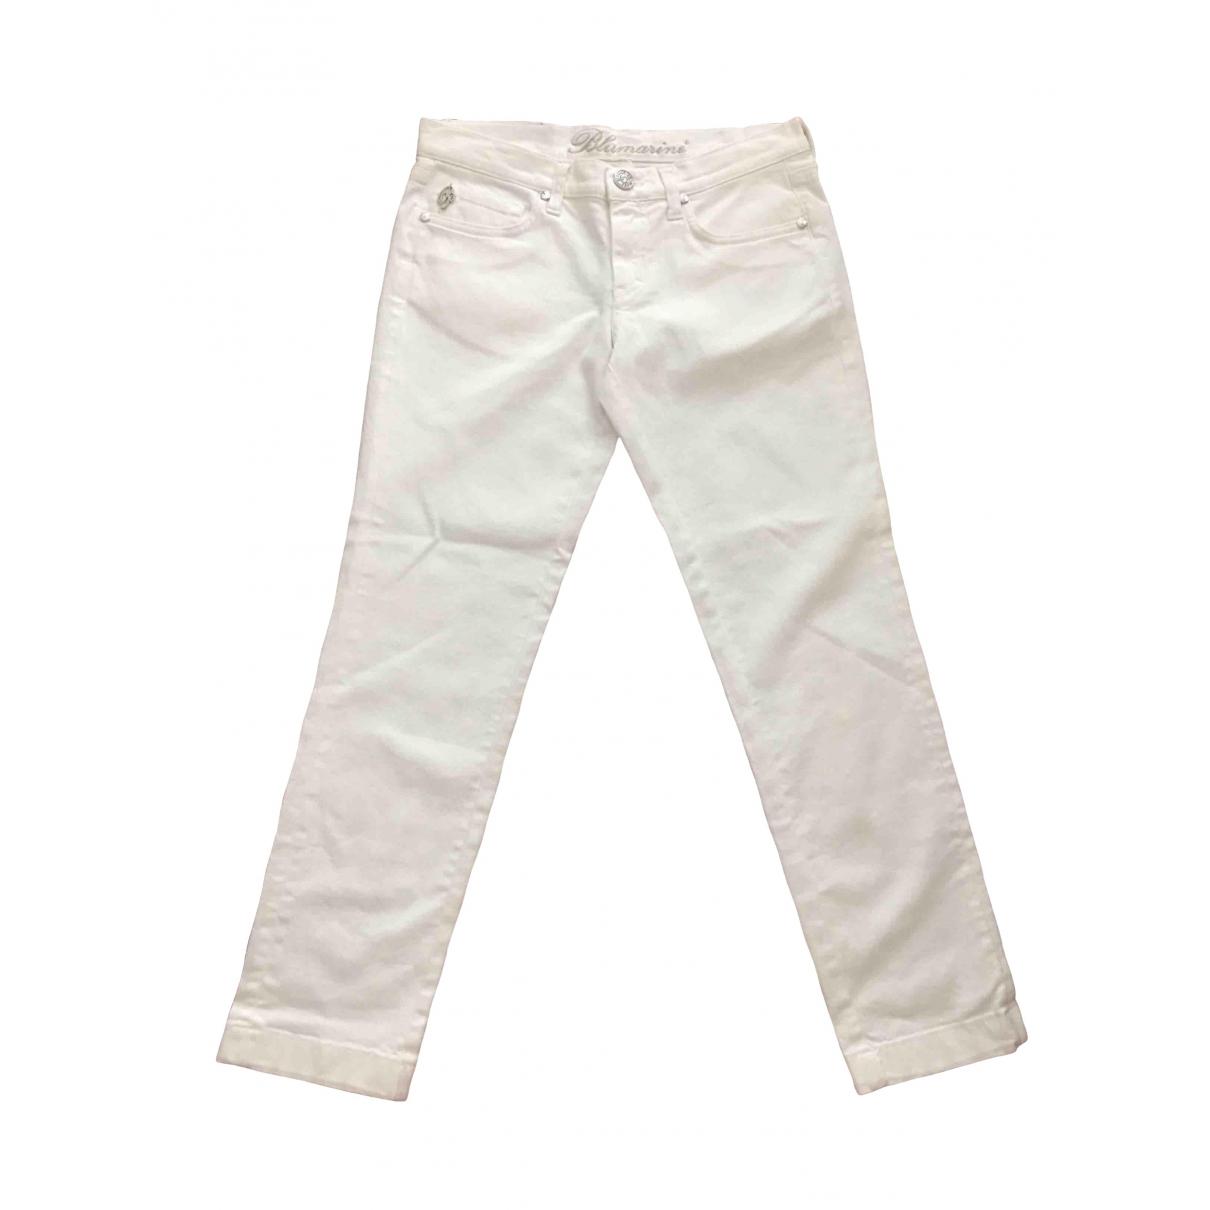 Pantalon en Algodon Blanco Blumarine